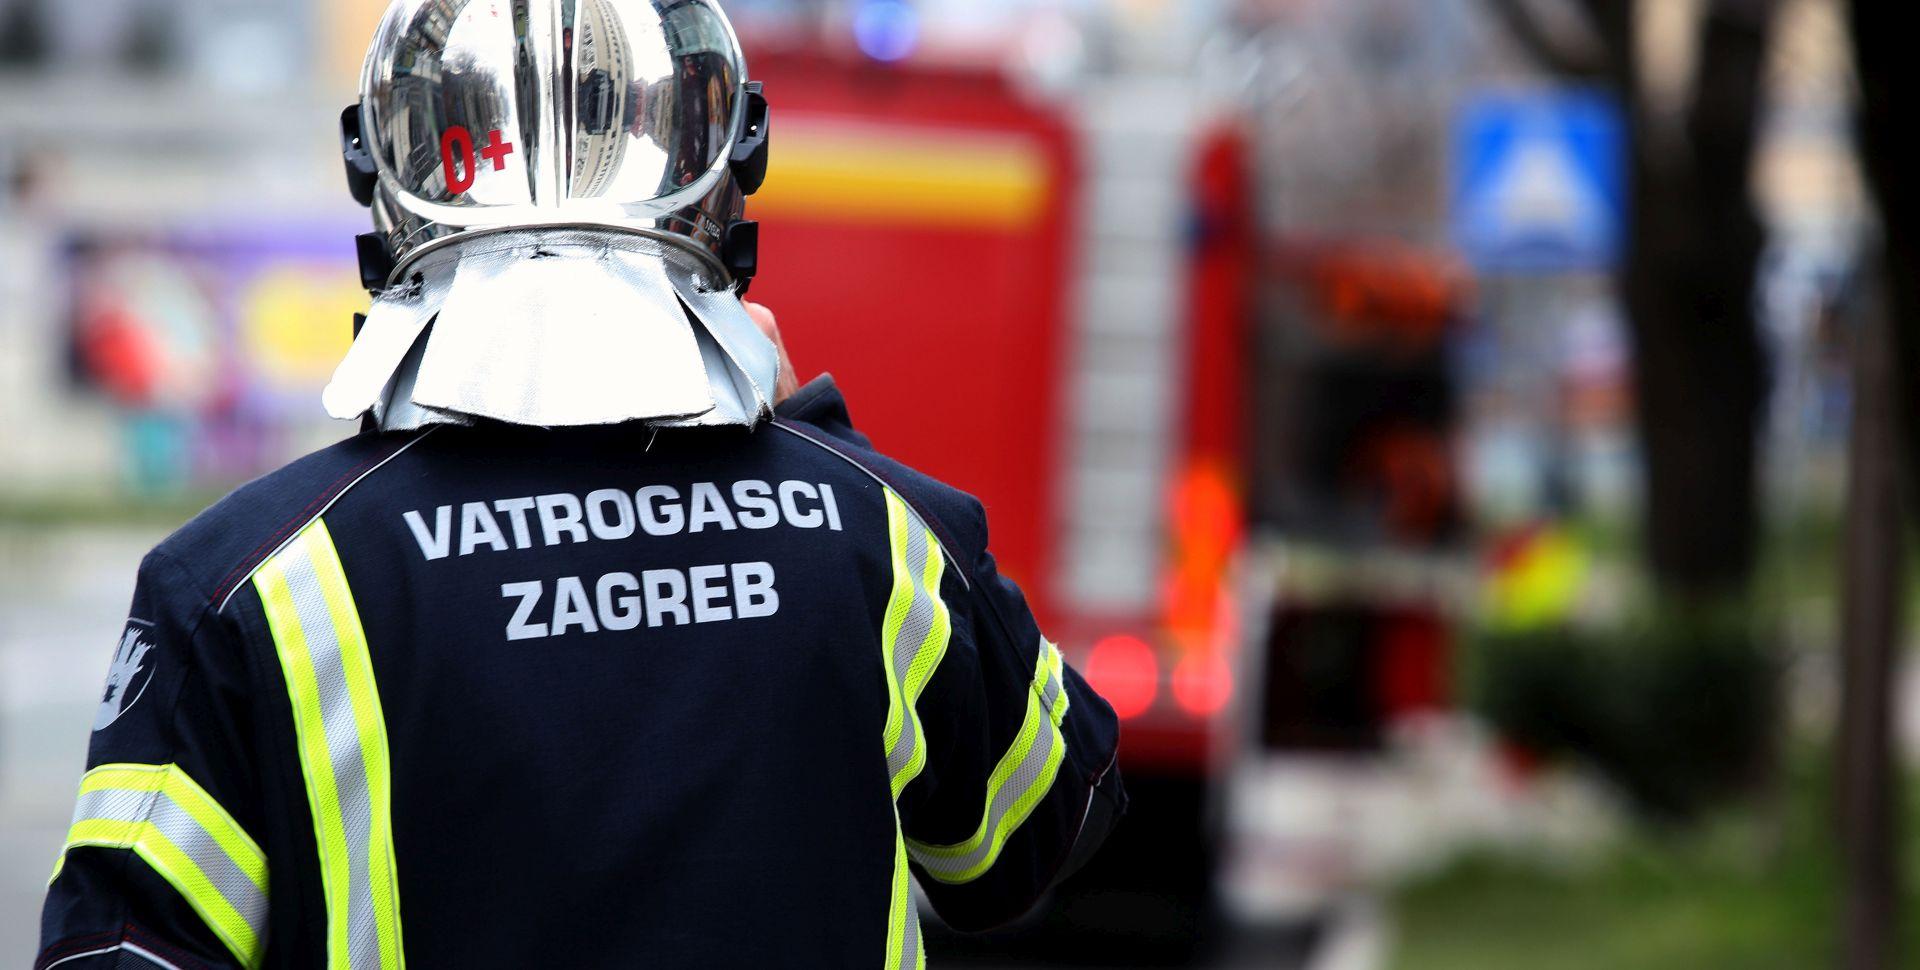 Ugašen požar u zgradi Zagrebačke nadbiskupije